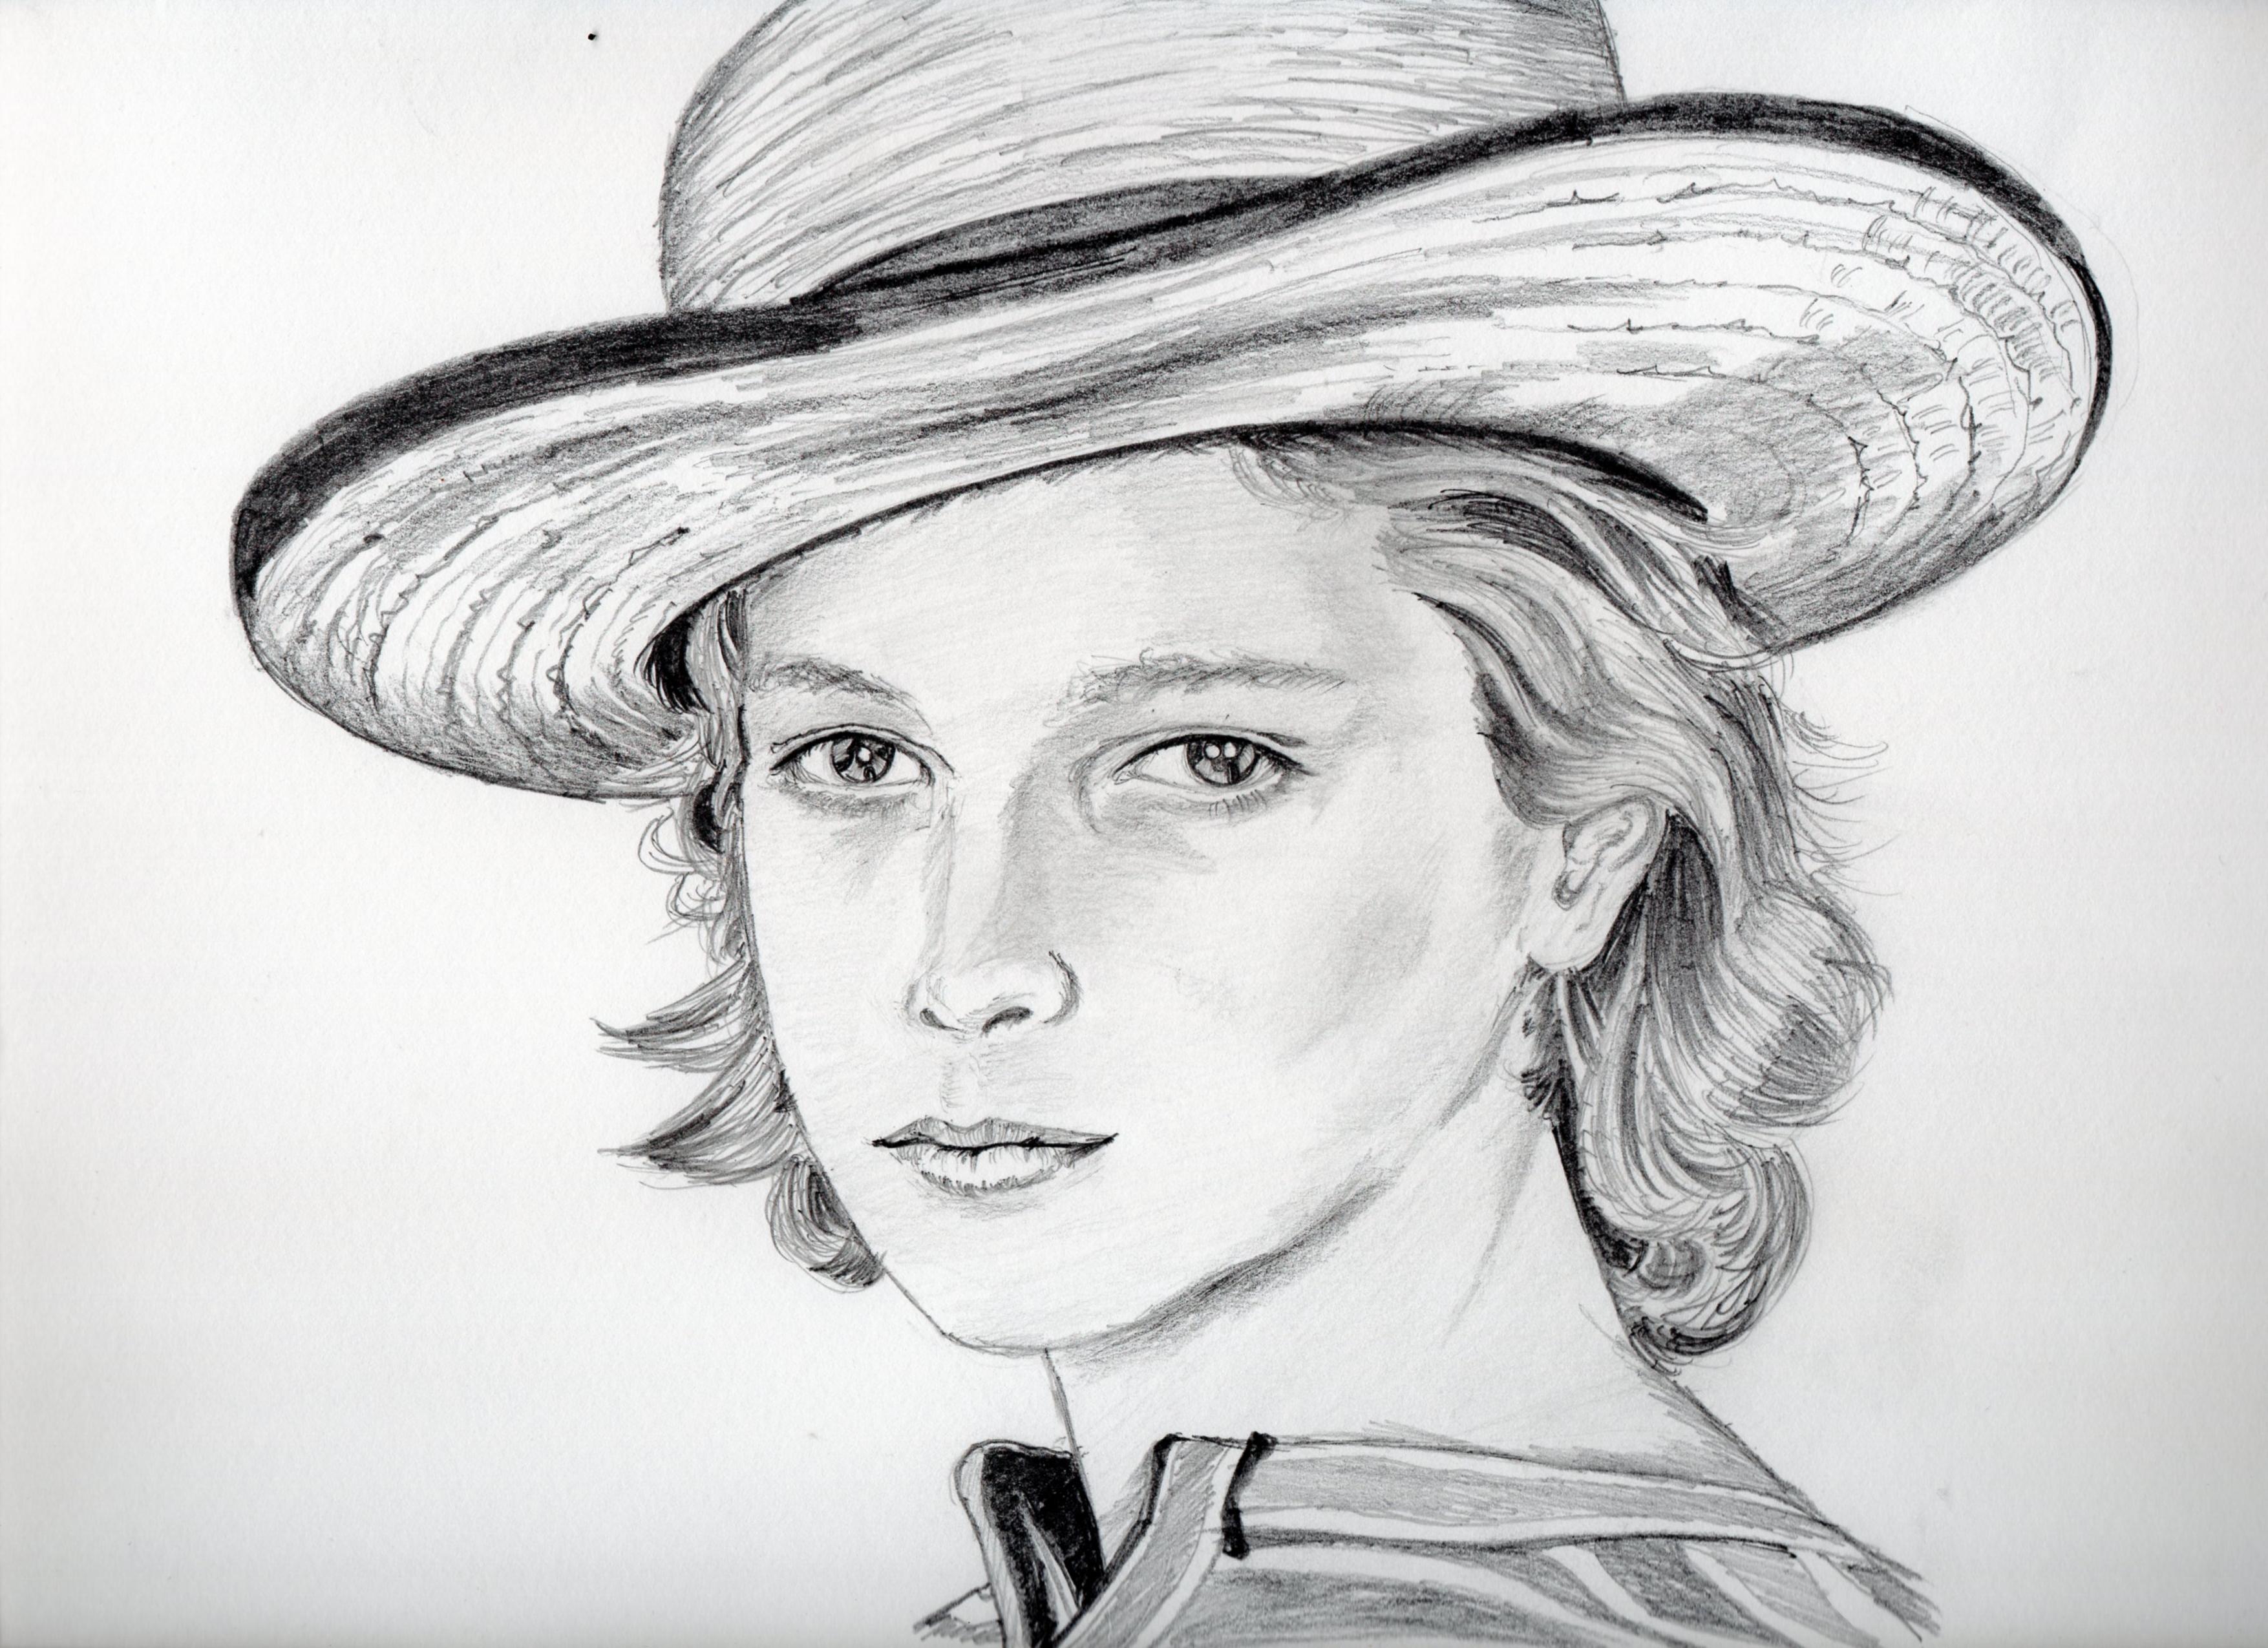 ビョルン・アンドレセンの鉛筆画、ビョルン・アンドレセンのリアル似顔絵